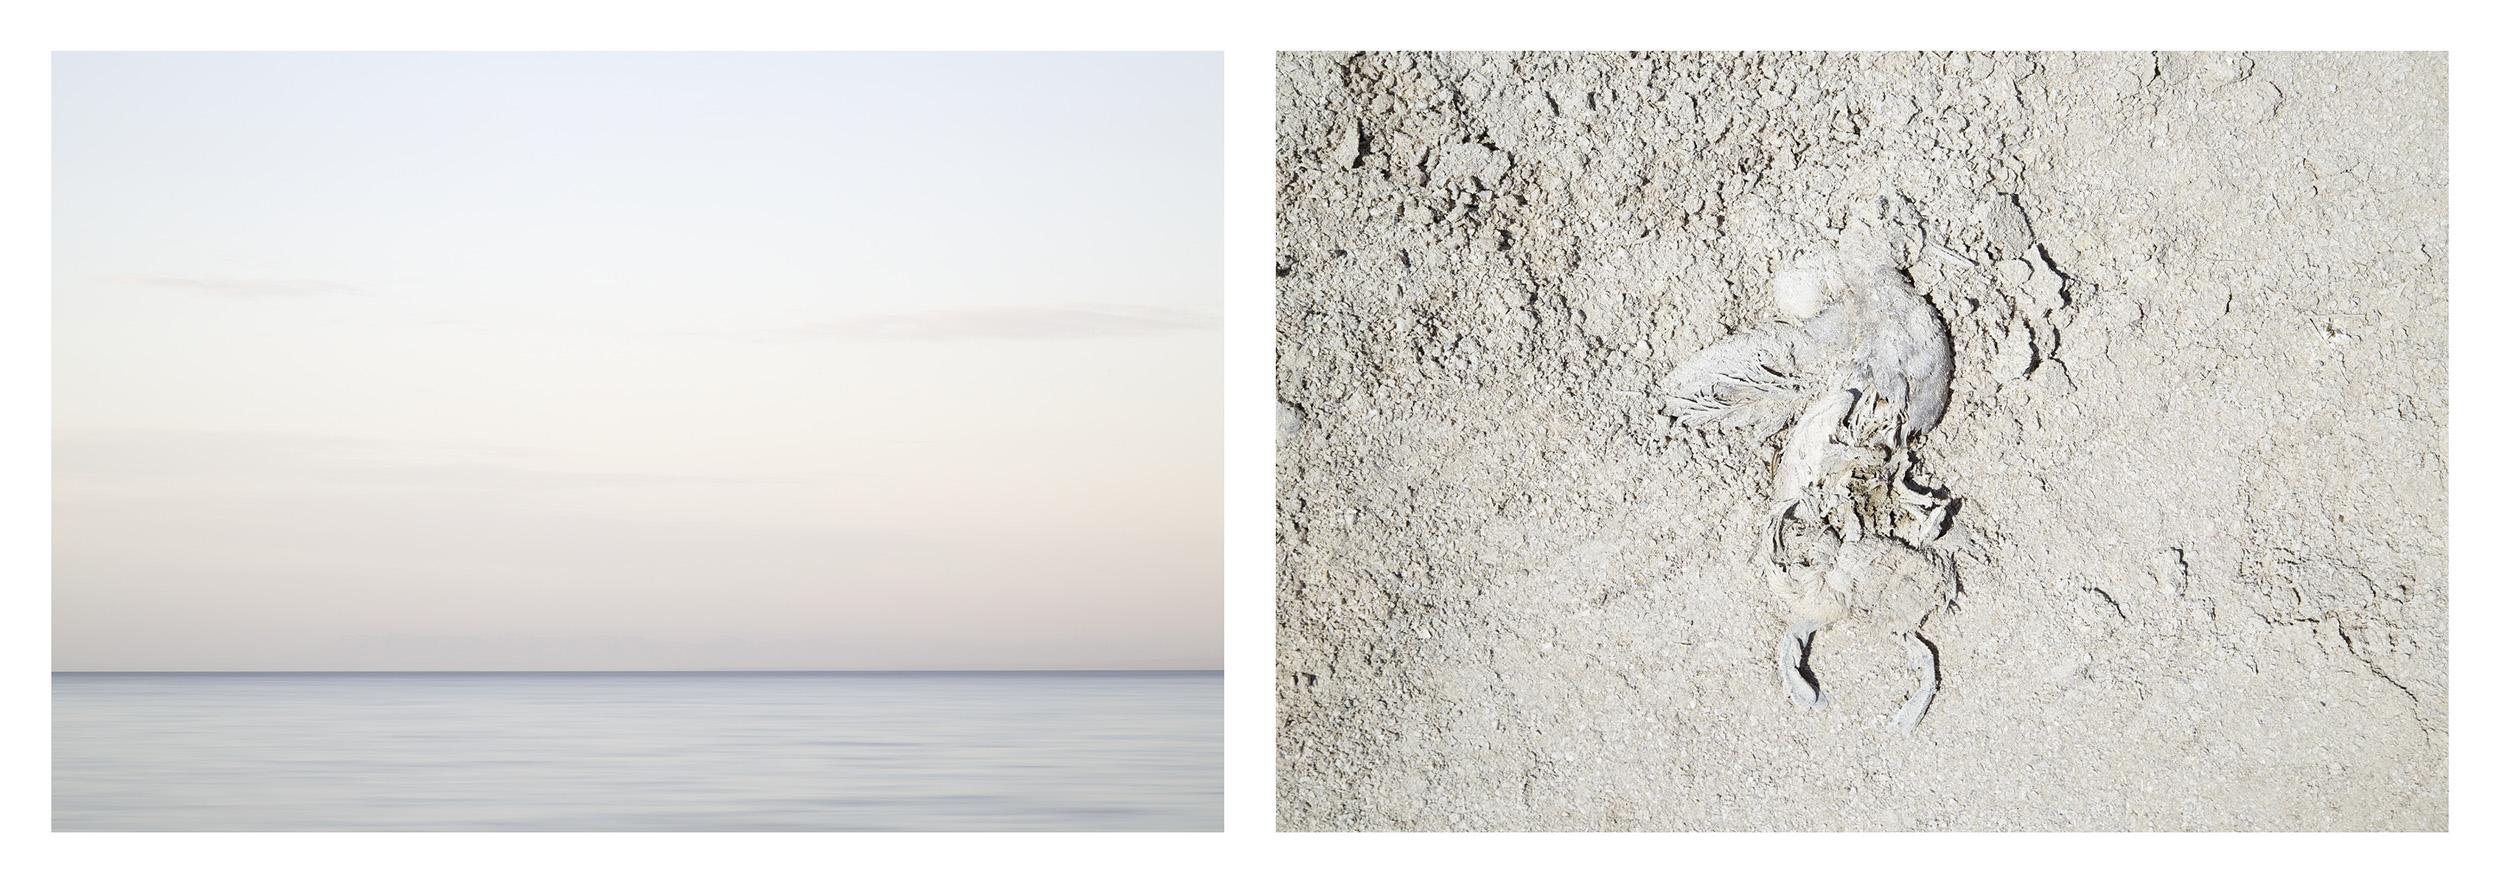 Salton Sea No. 1 , California,2014